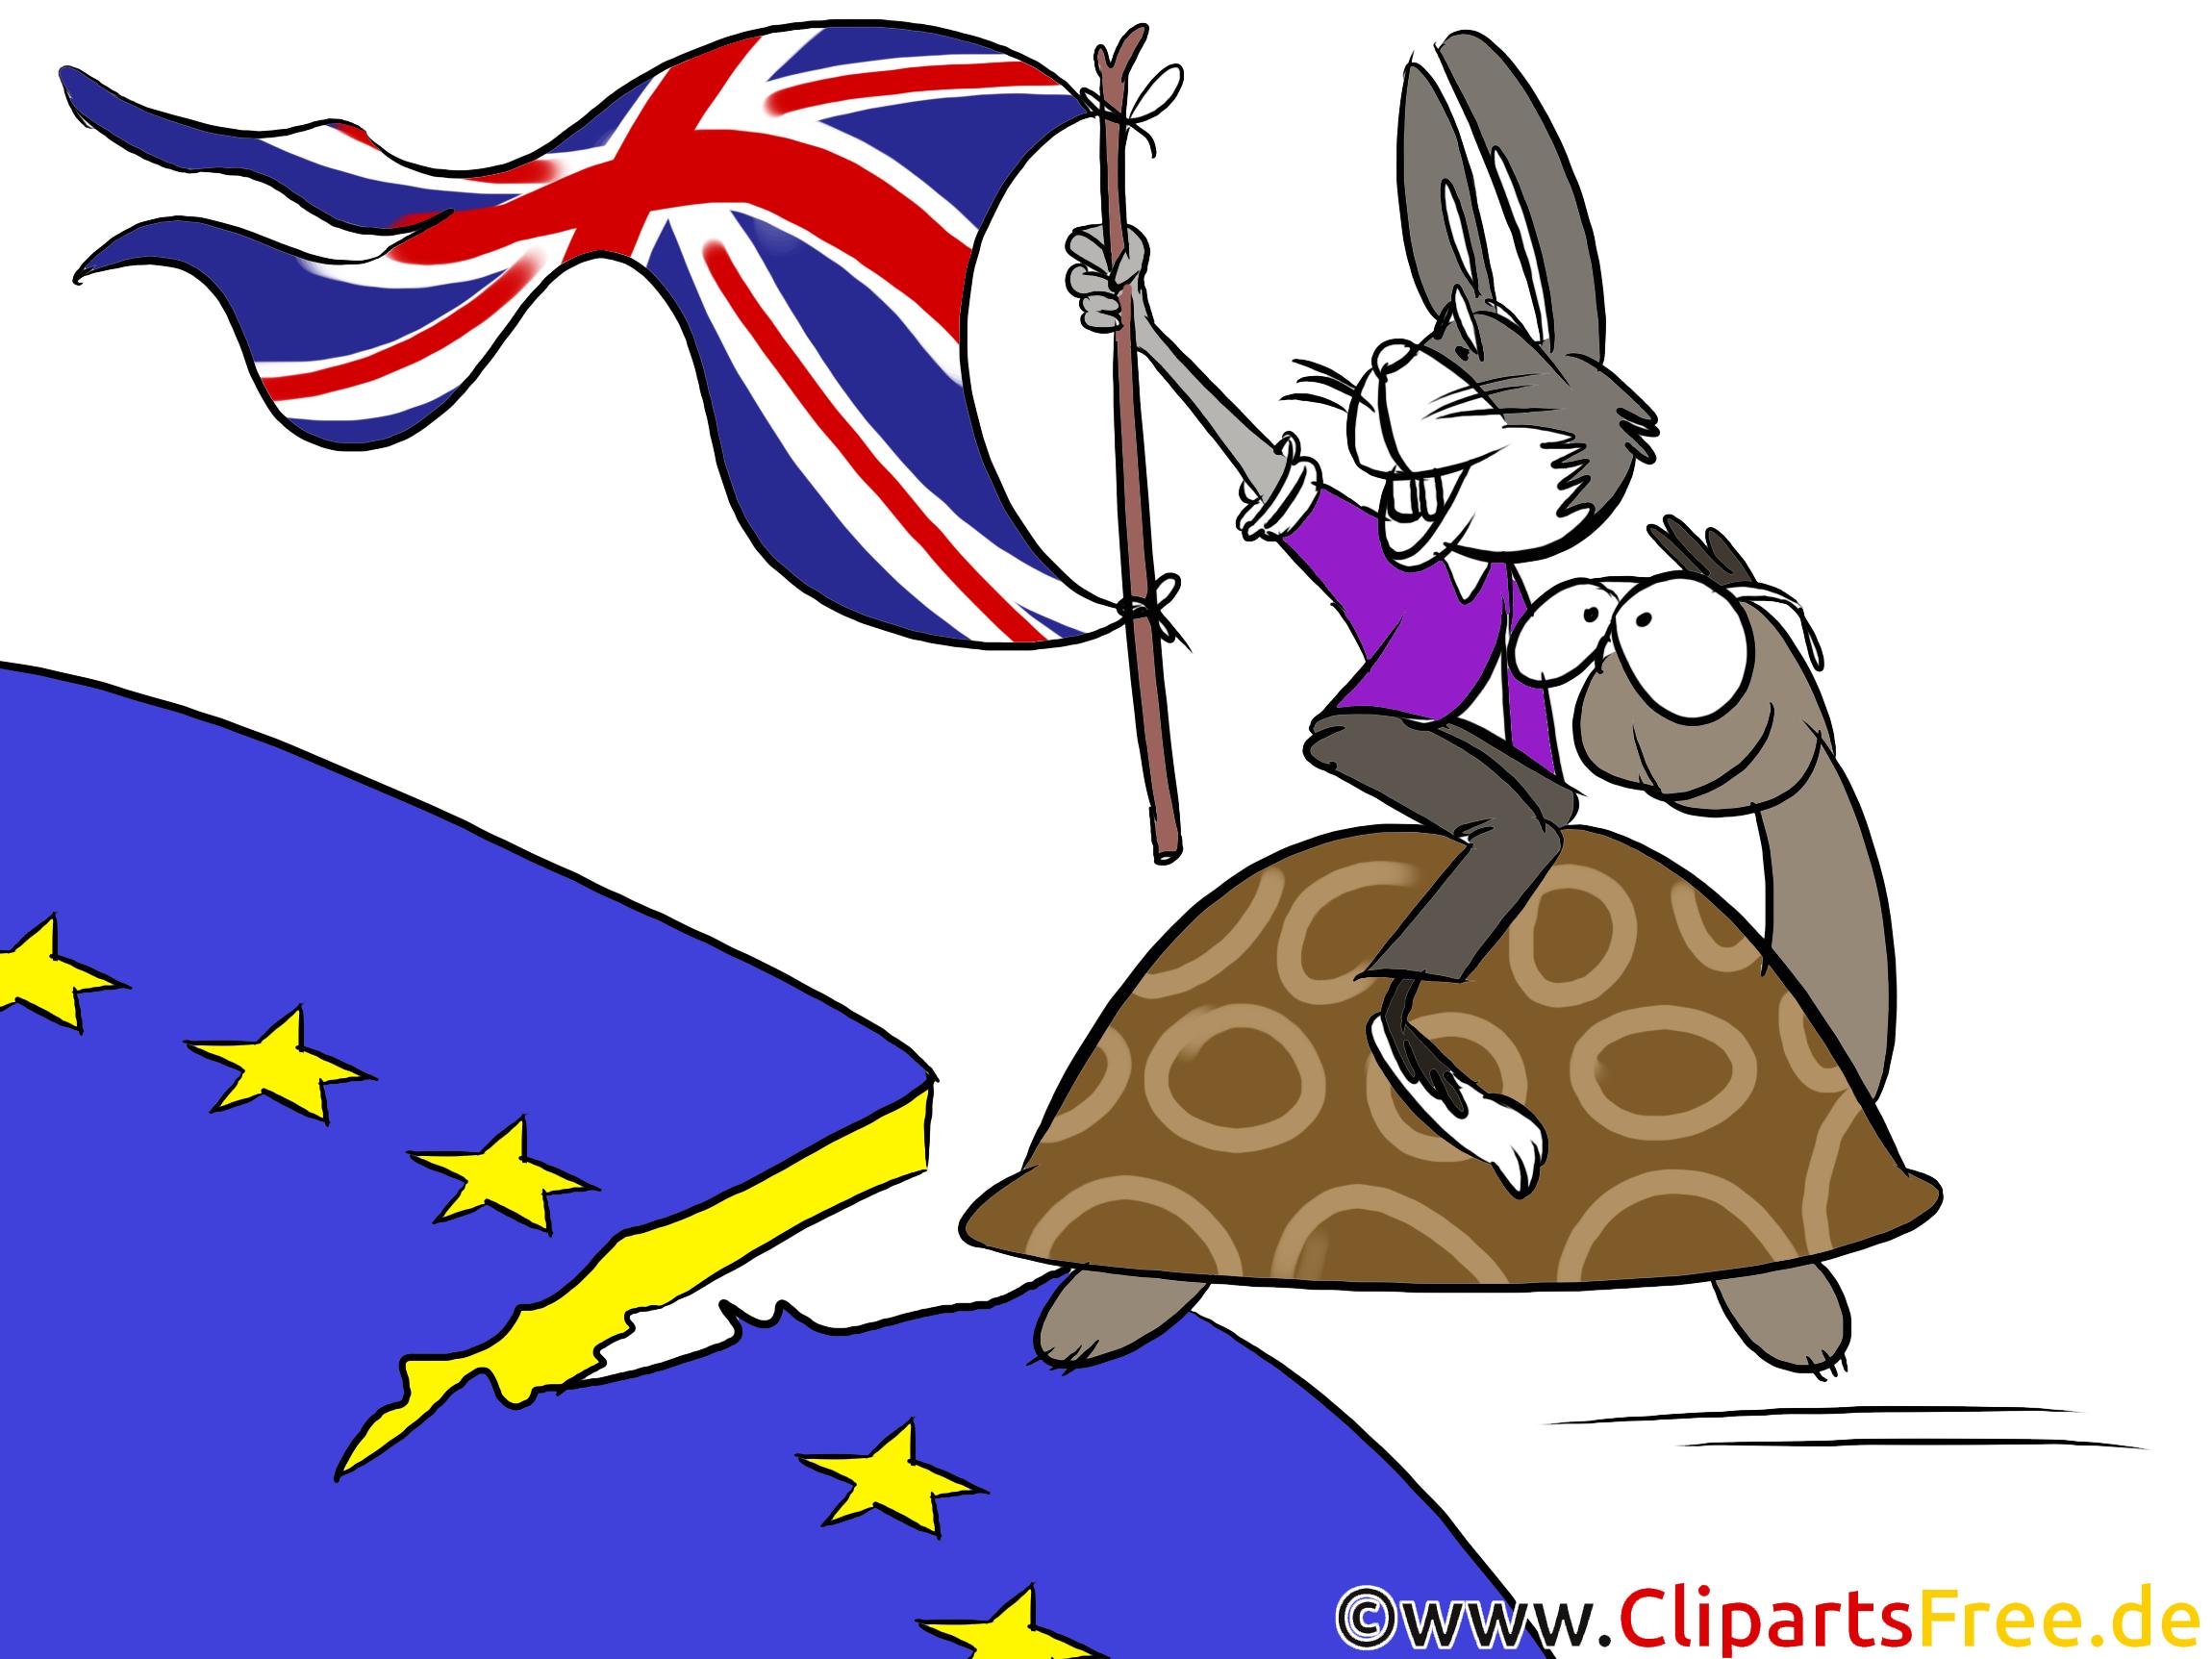 Brexit Clip Art Images